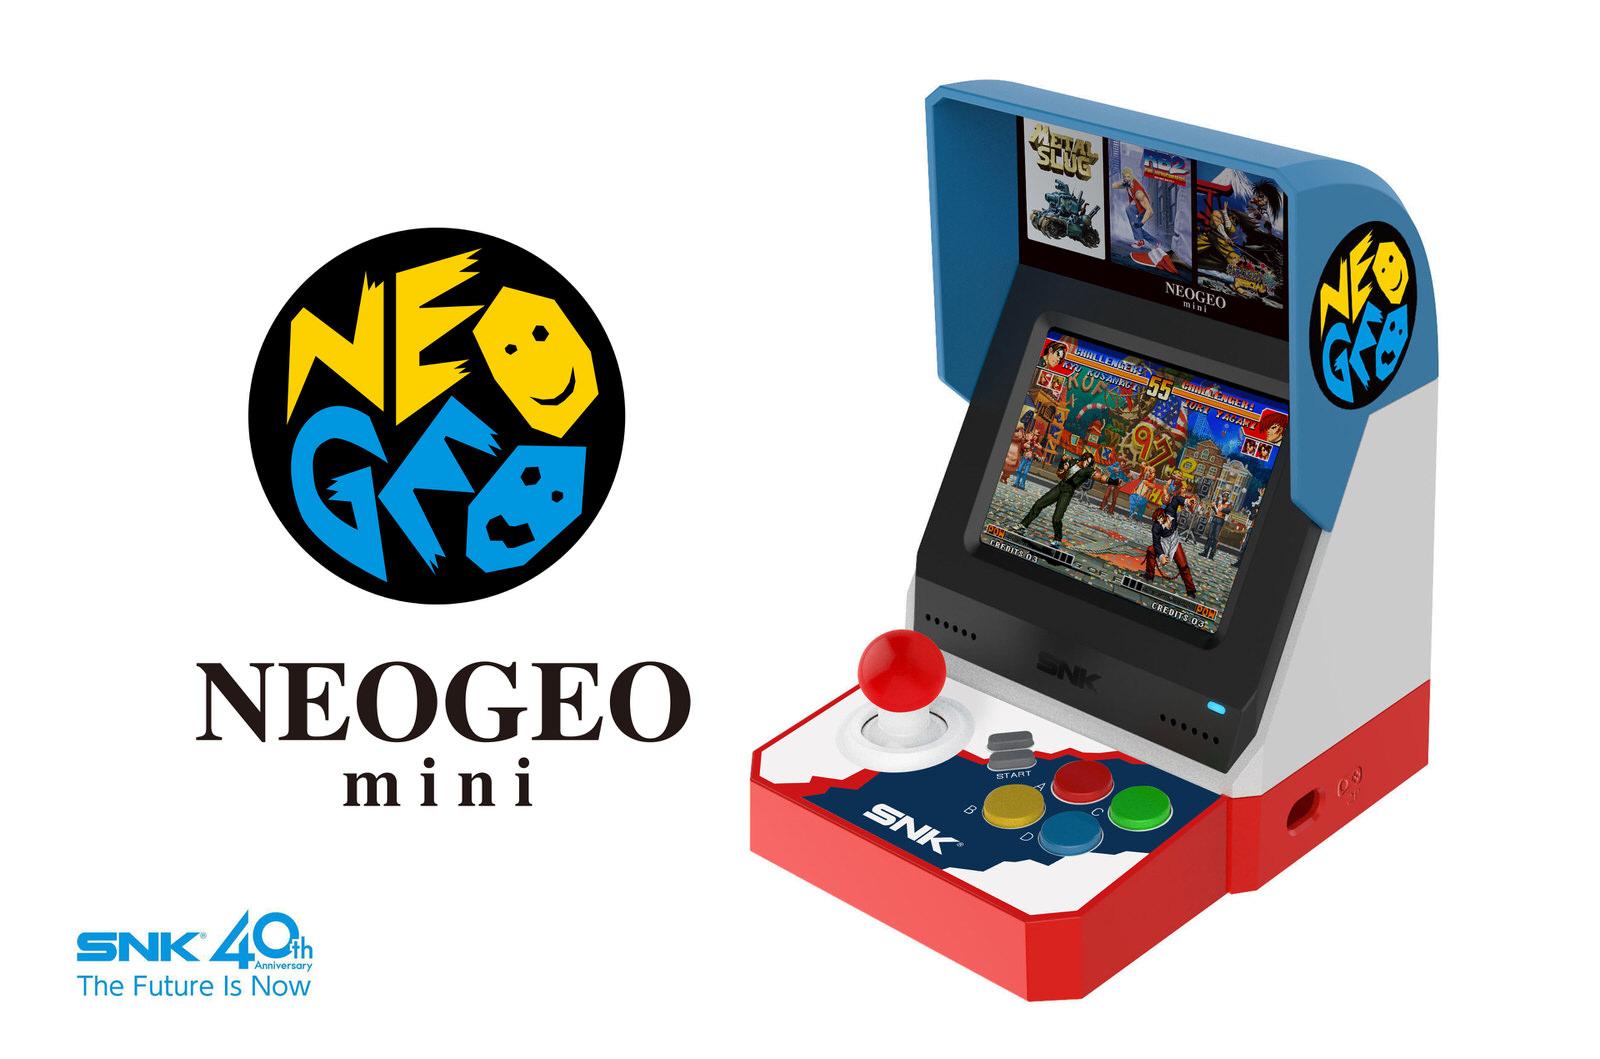 「NEOGEO mini」収録タイトルを正式発表 、海外版はアクションゲームが多め 今夏発売予定